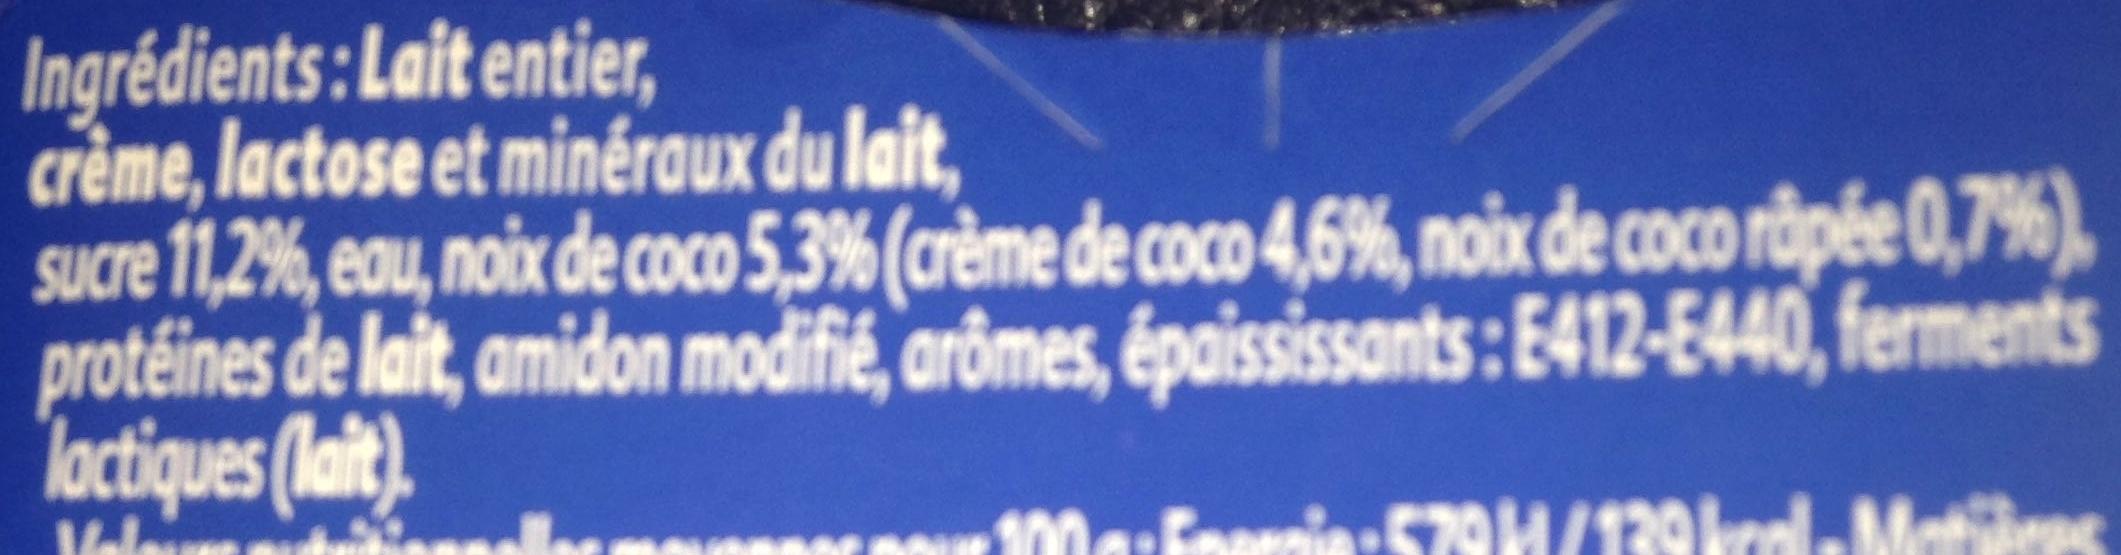 Gourmand Yaourt Noix de Coco - Ingrédients - fr